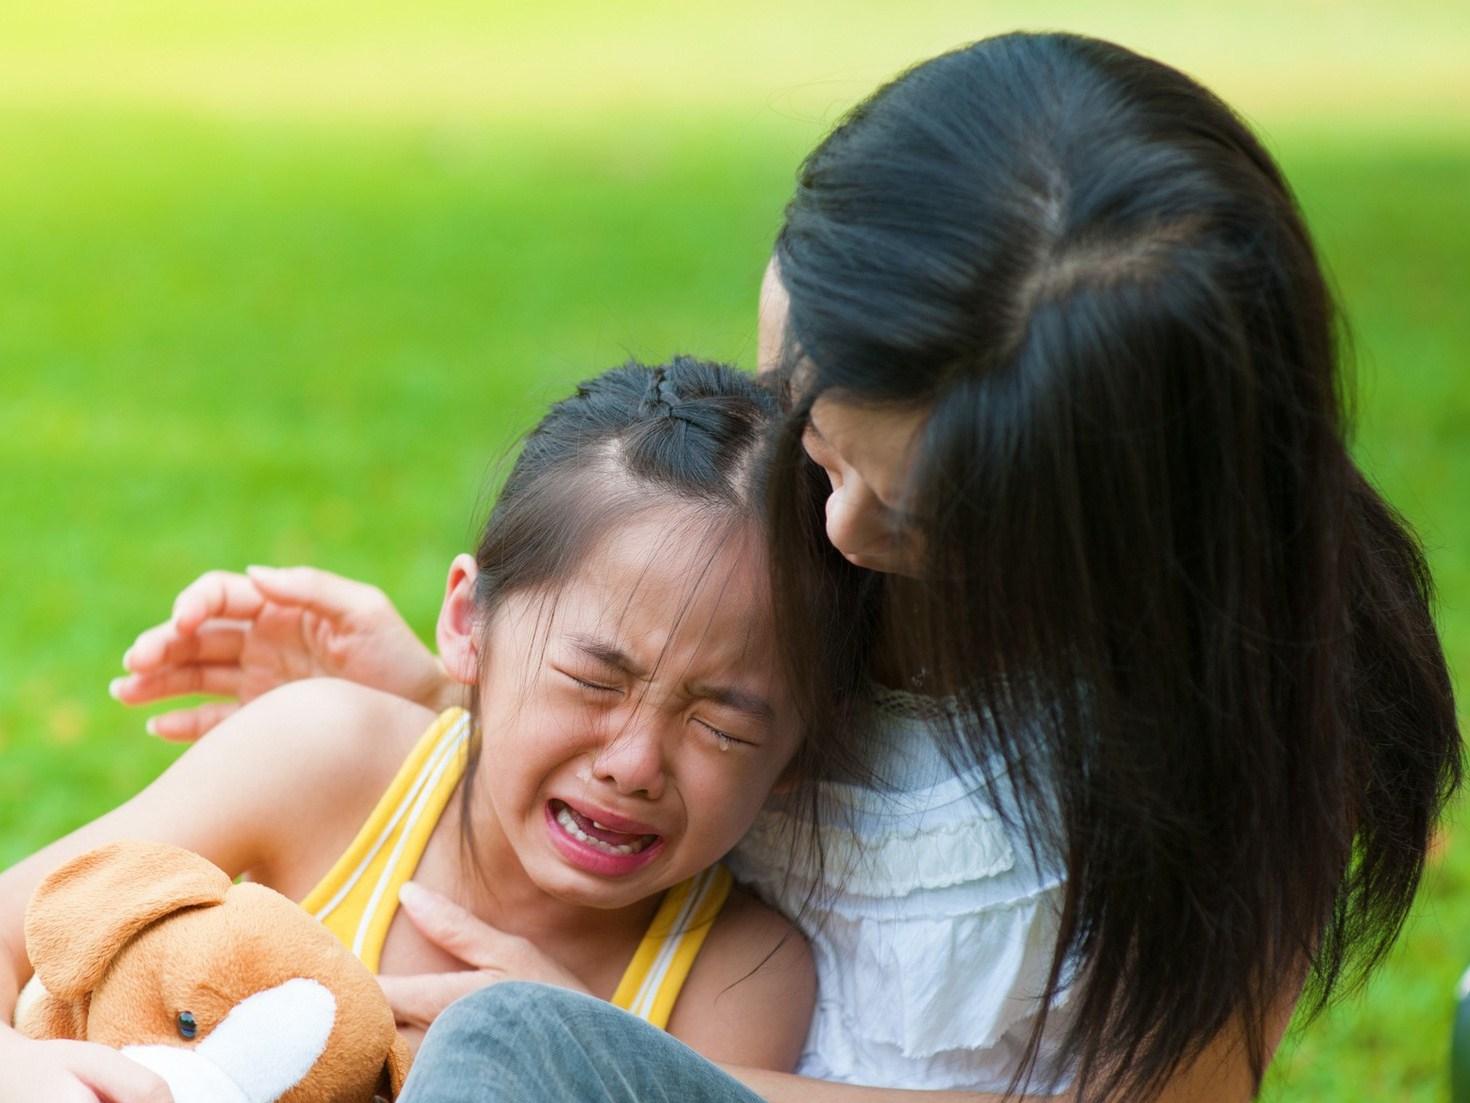 Nếu cha mẹ nuôi dạy trẻ theo cách này: Bảo sao con không chịu nghe lời!